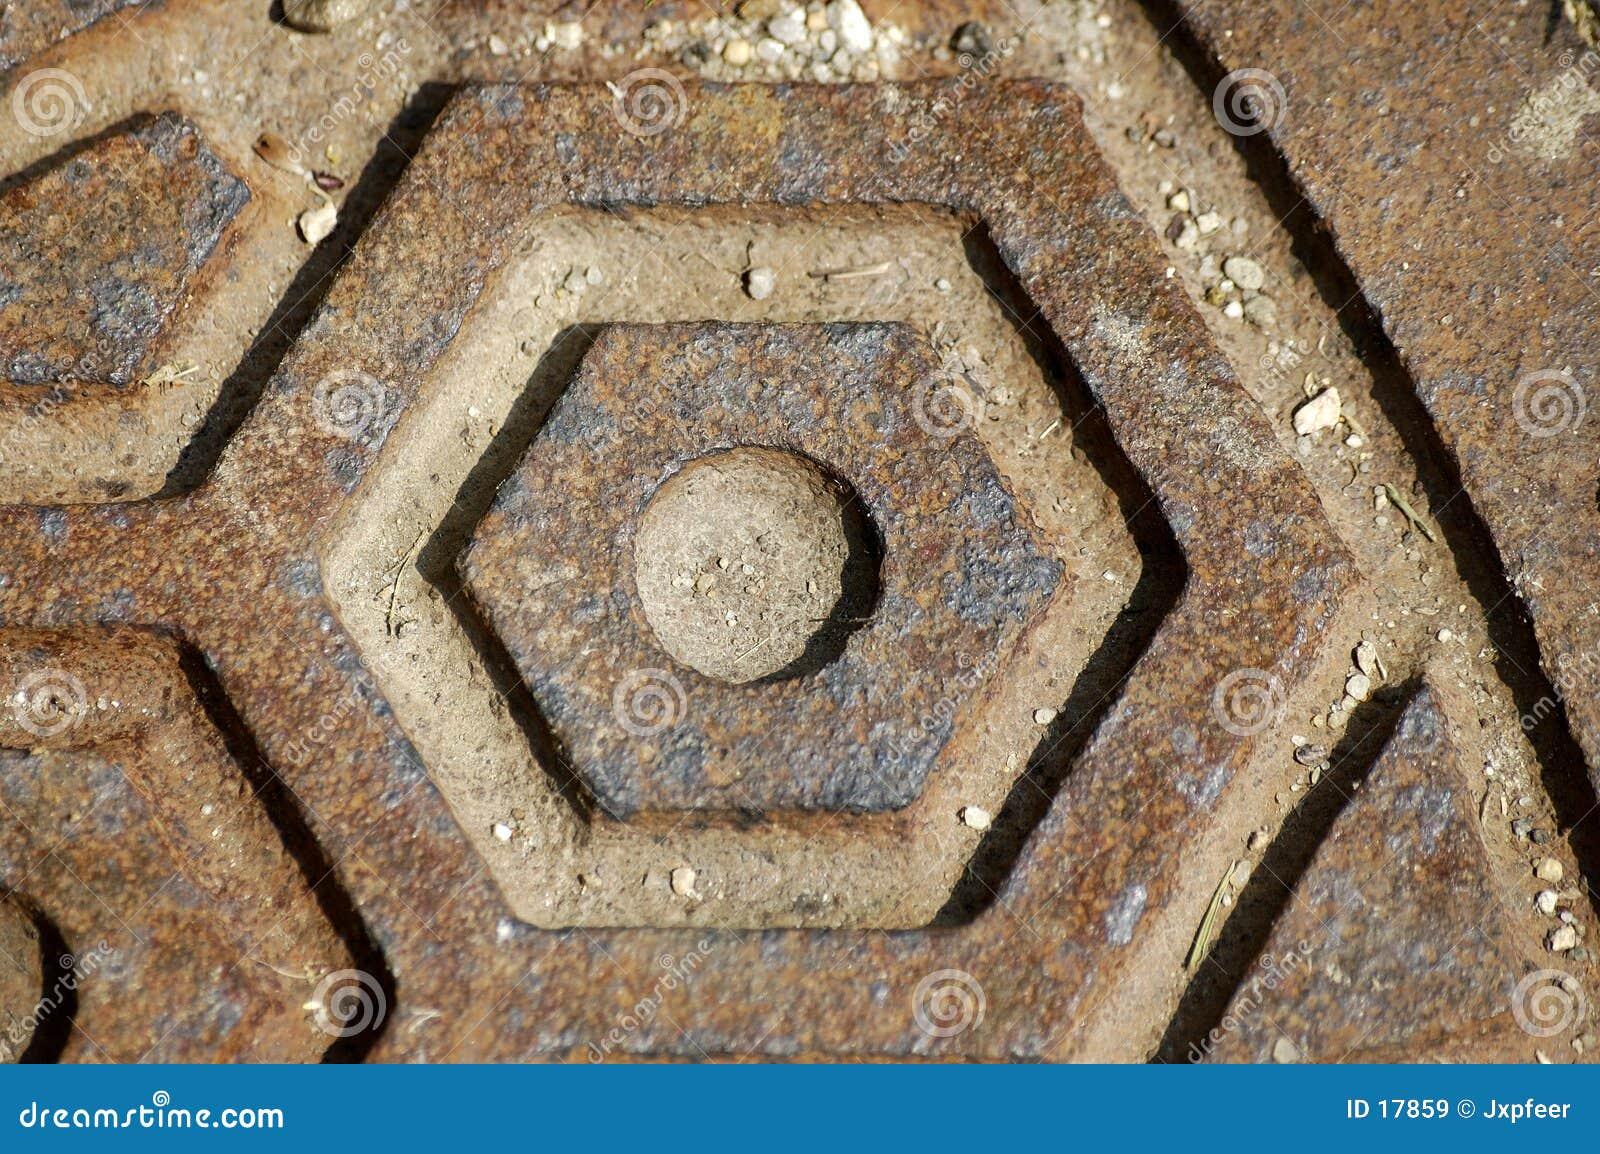 Close-up manhole cover